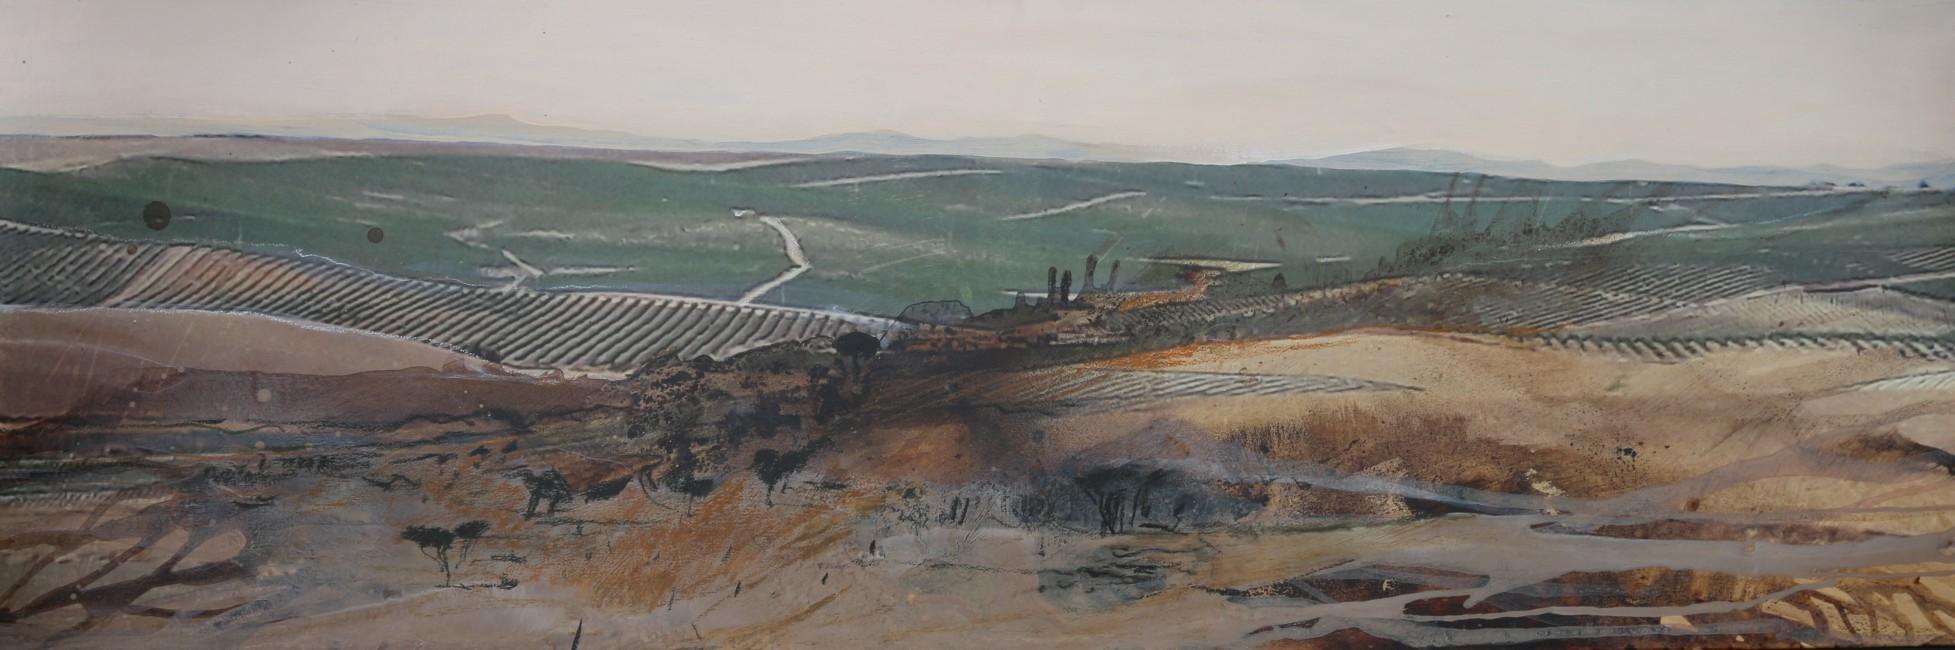 Almbauer, Gerhard_Andalusien_150 x 150 cm_Collage, Mischtechnik auf Leinwand